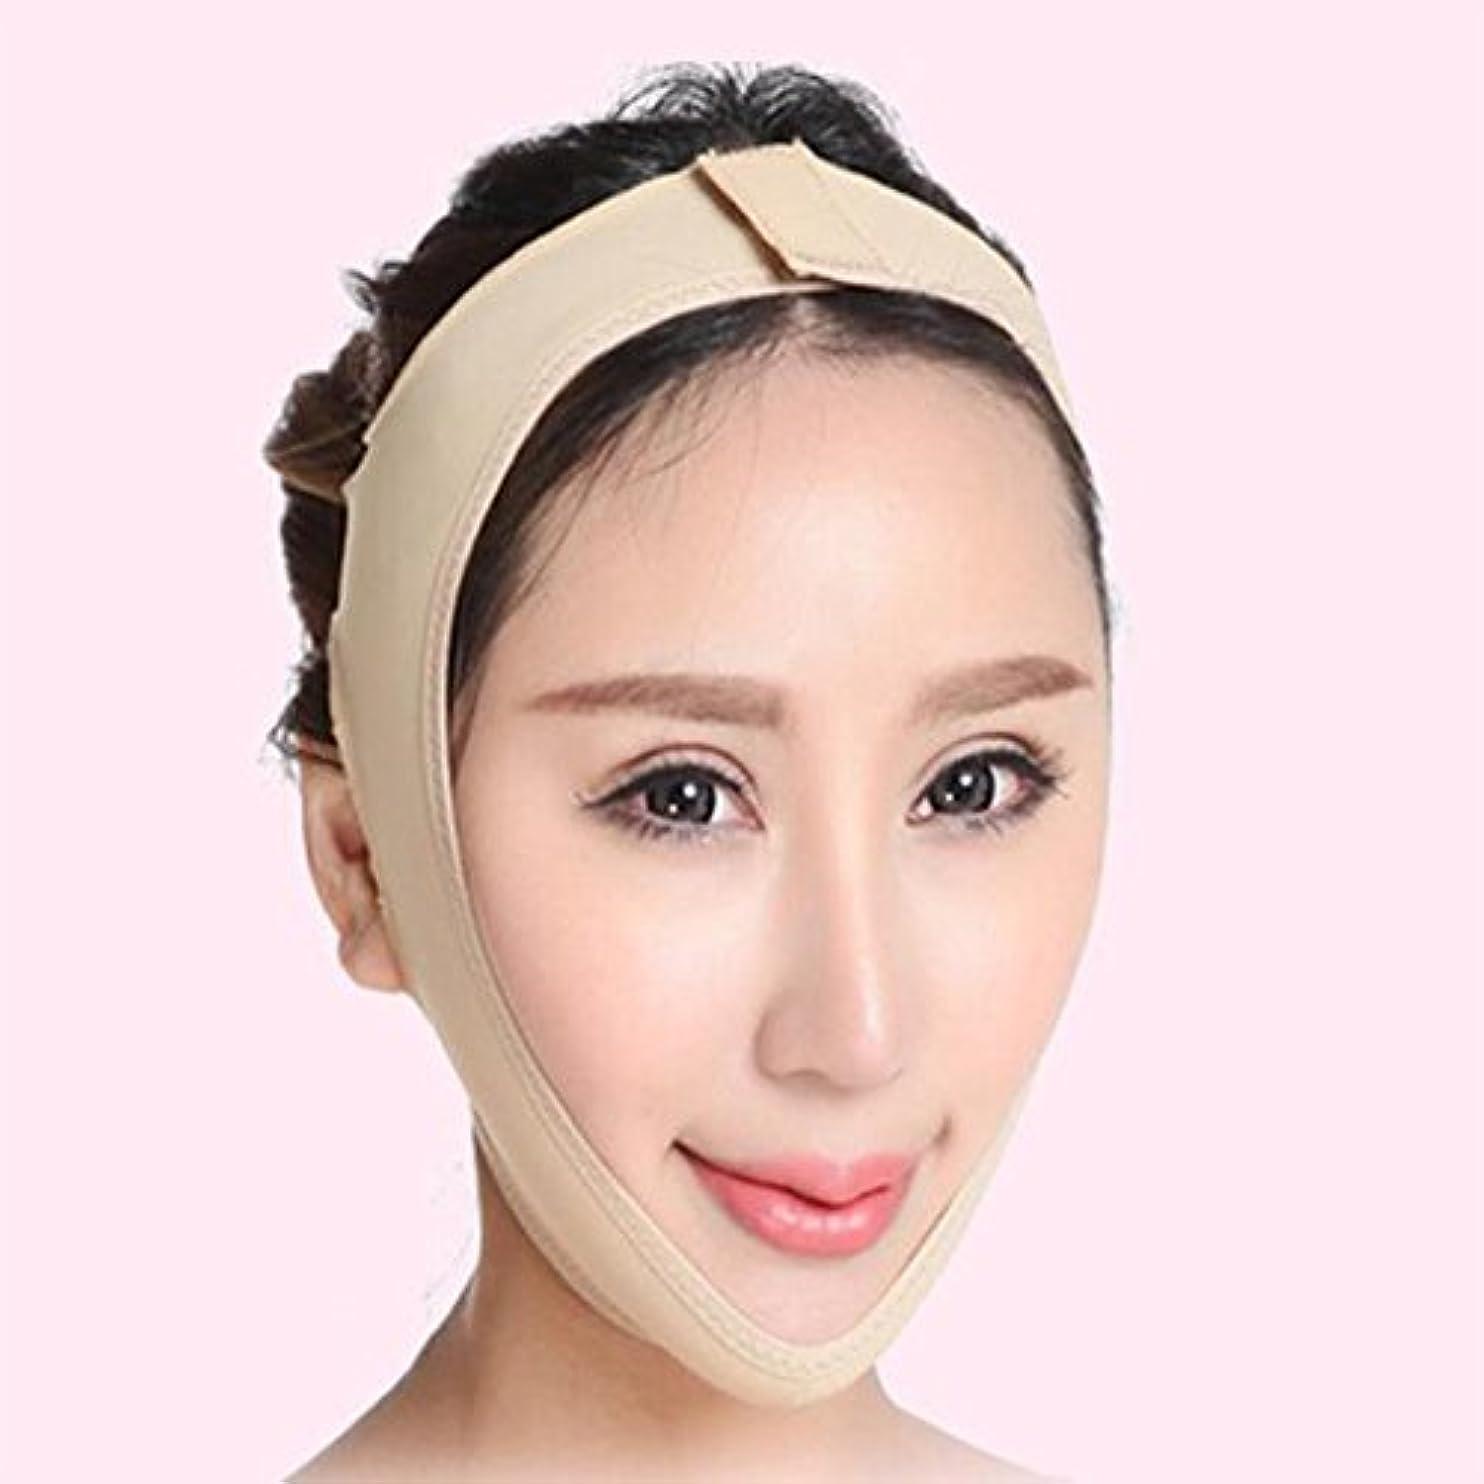 中傷きちんとしたイルSD 小顔 小顔マスク リフトアップ マスク フェイスライン 矯正 あご シャープ メンズ レディース Lサイズ AZD15003-L